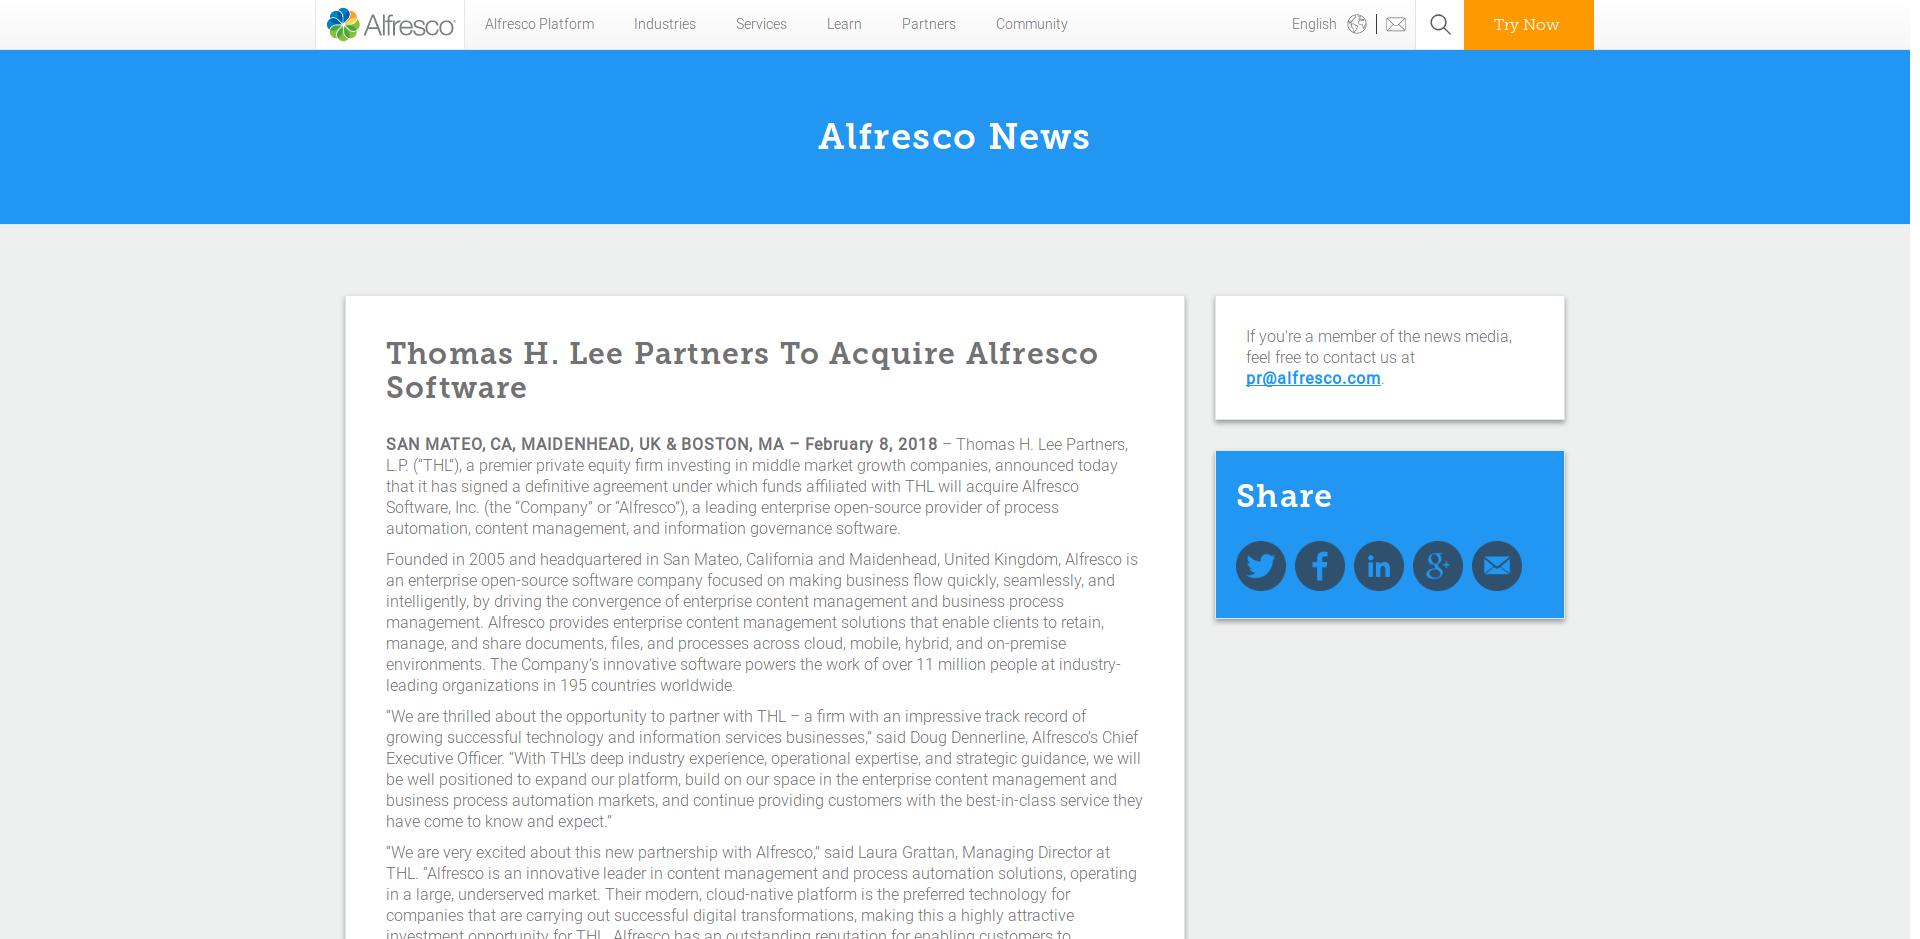 Anuncio de que THL adquiere Alfresco Software, Inc.